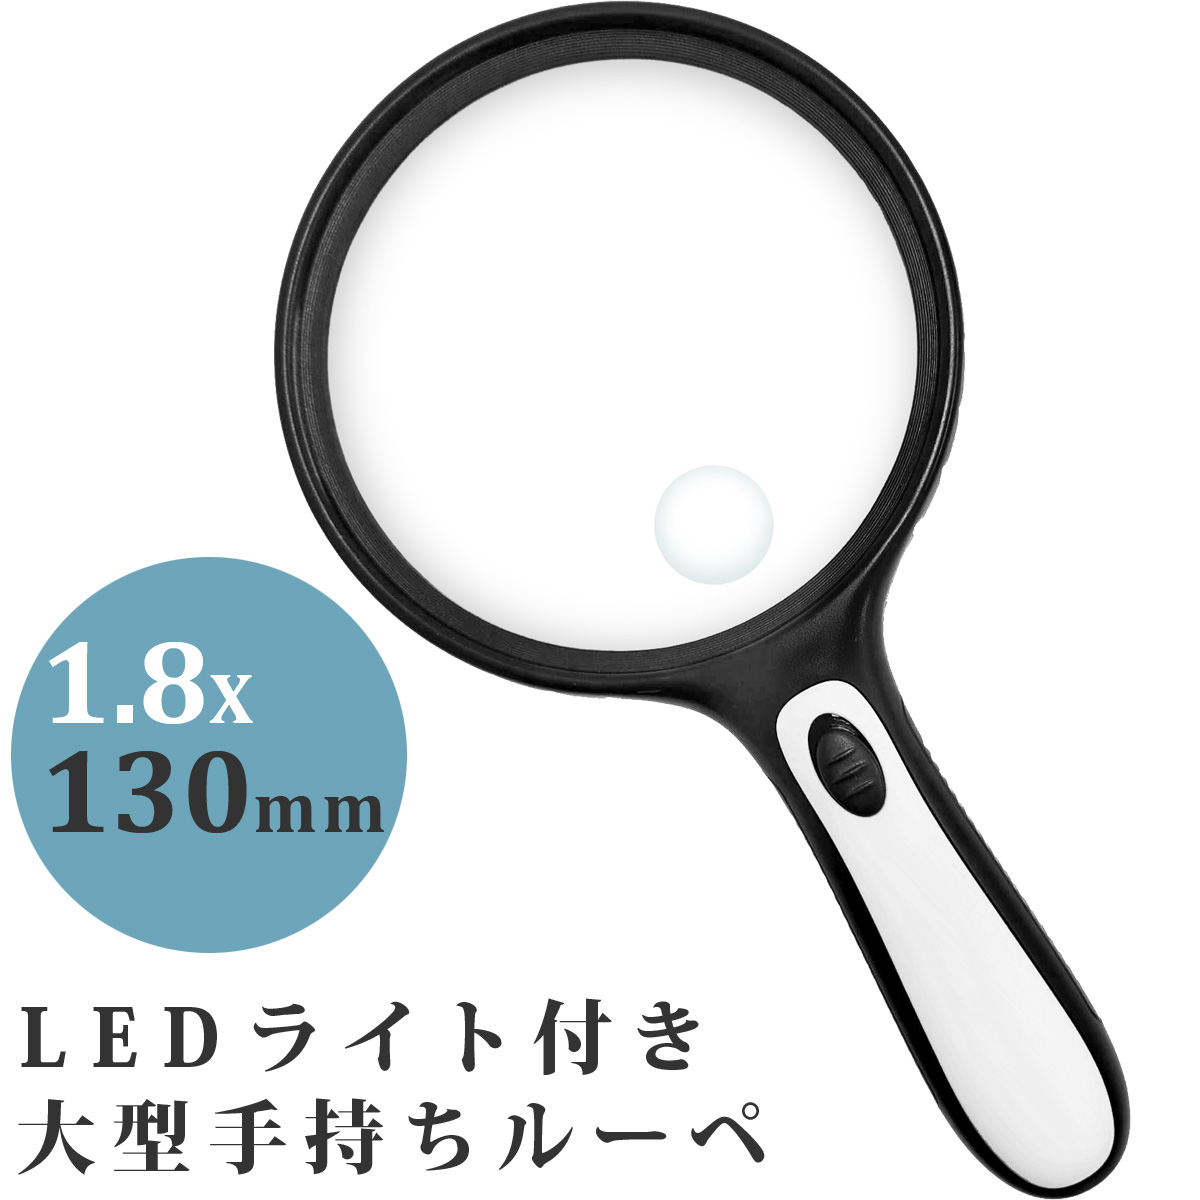 ルーペ LED ライト付き 大型 手持ちルーペ SN-130LH 1.8倍 130mm